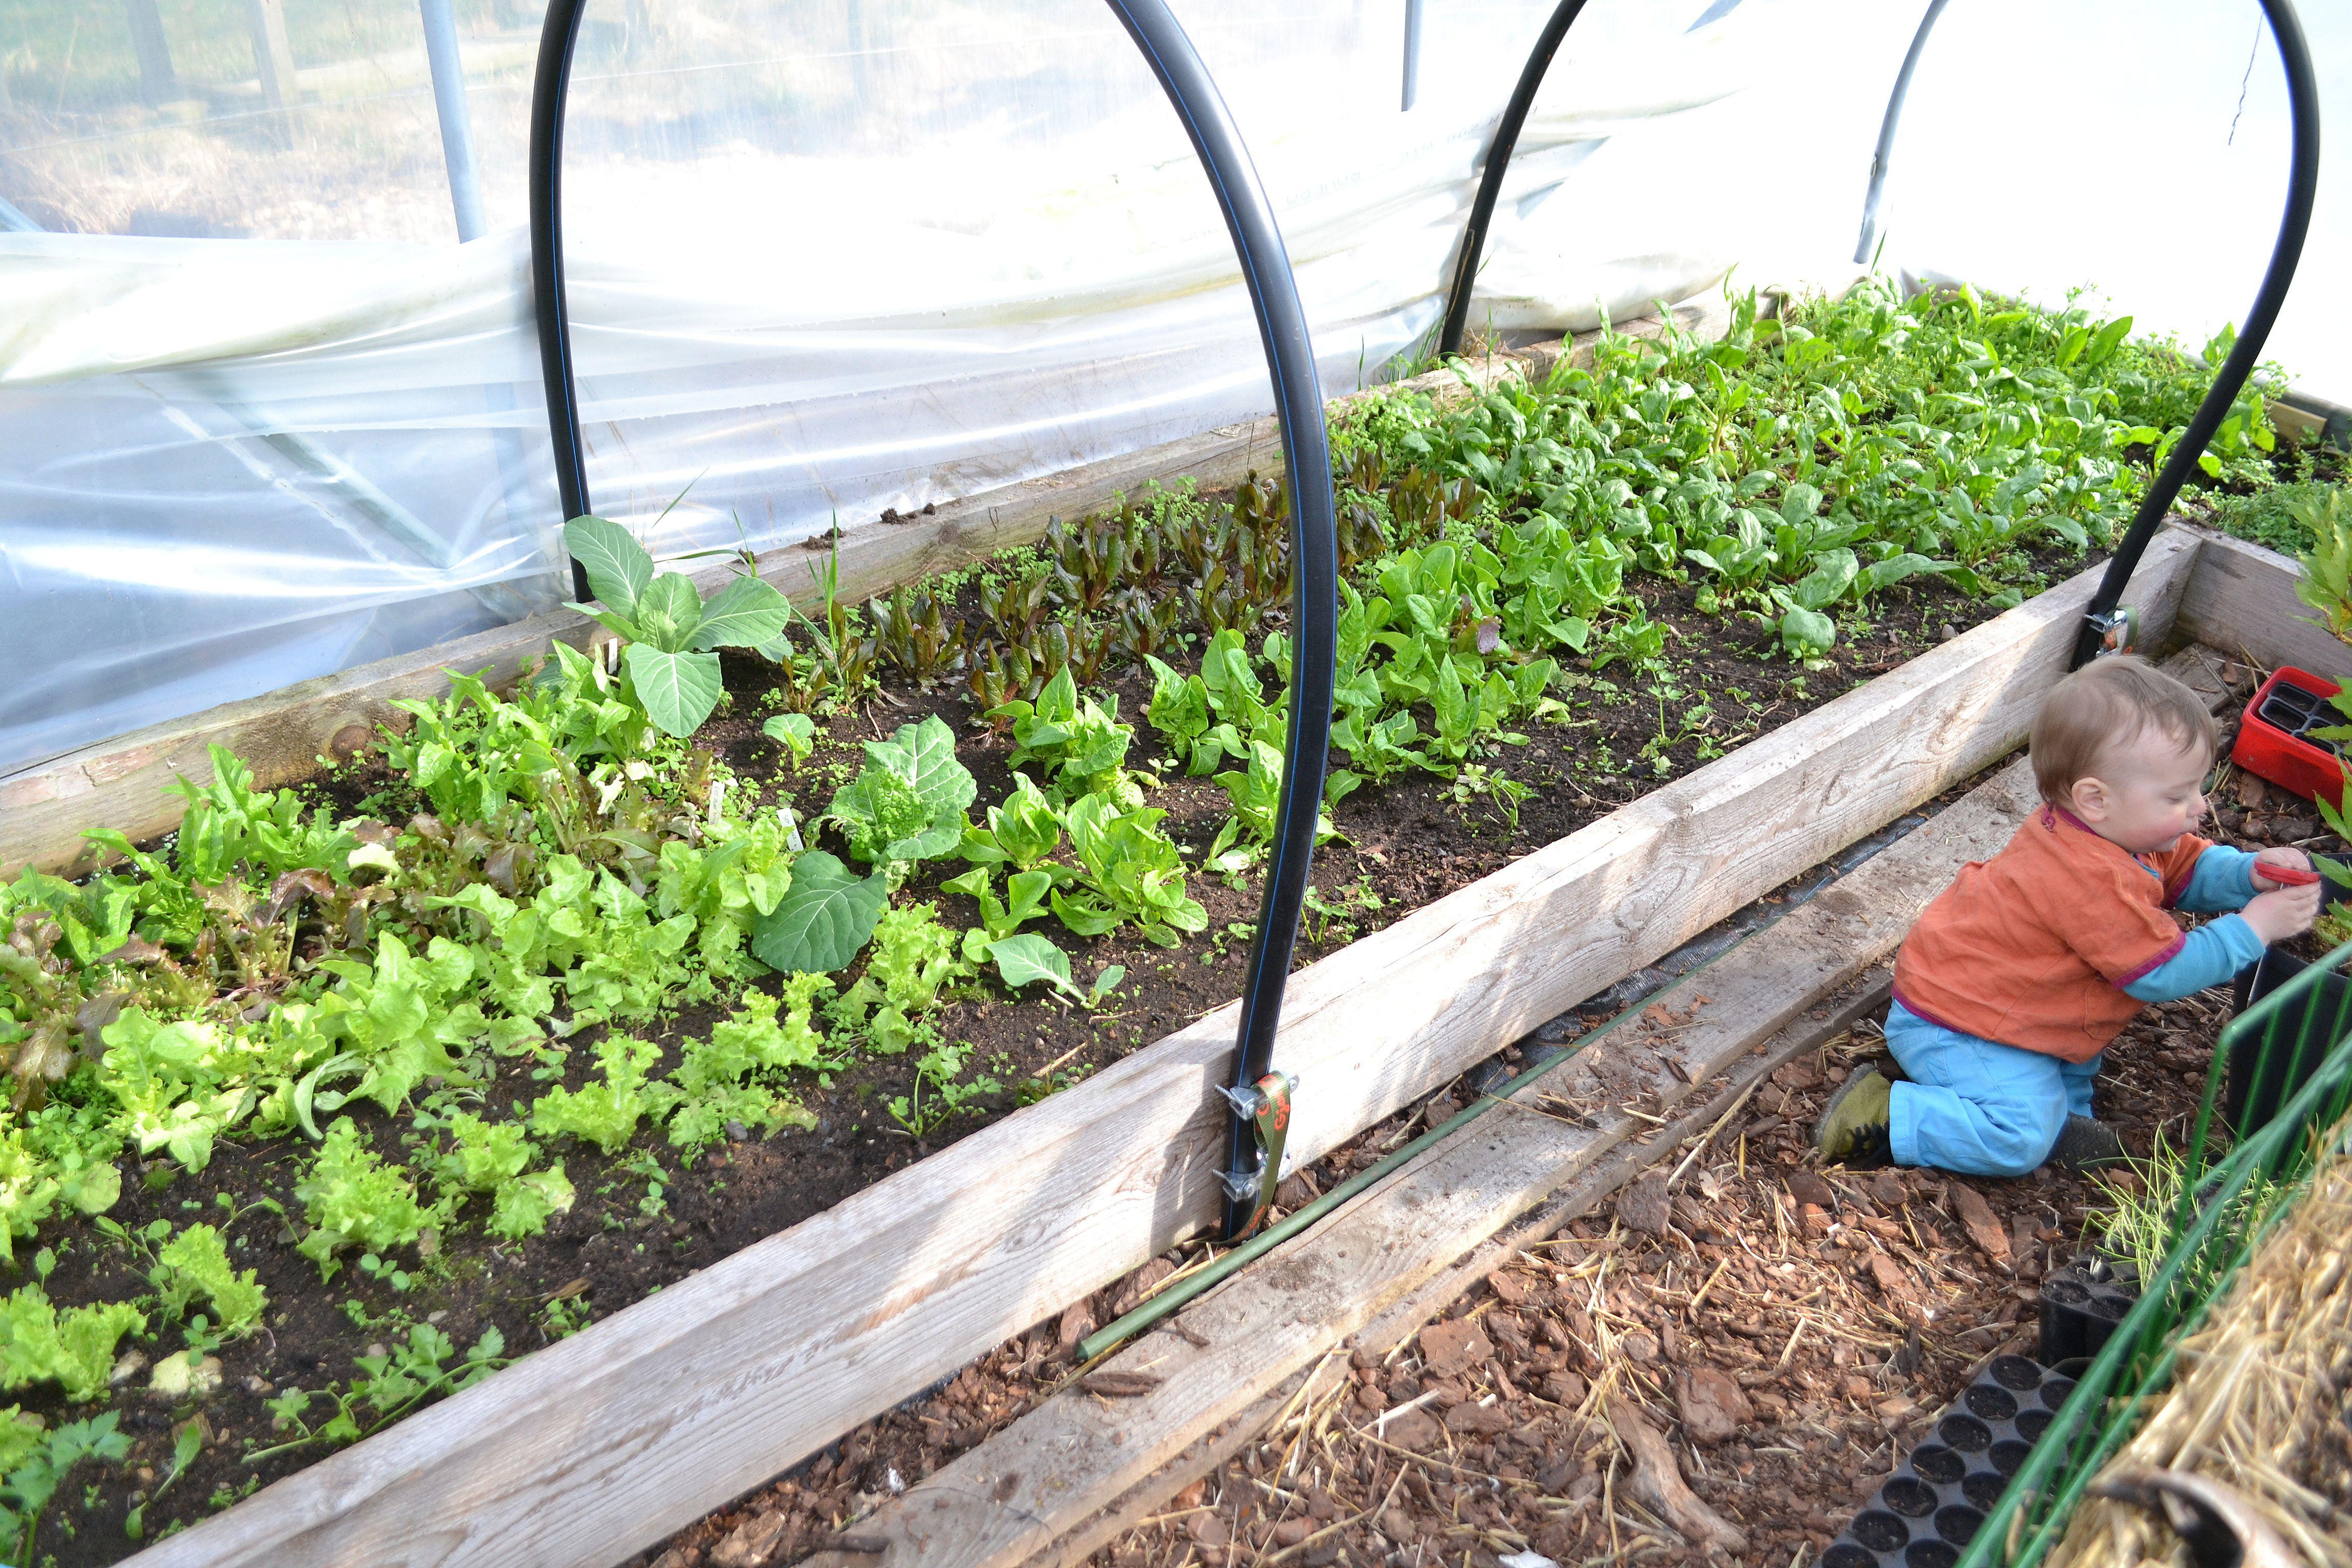 En odlingsbädd full med små gröna plantor med sallat i olika färger. Building a polytunnel, green little plants.